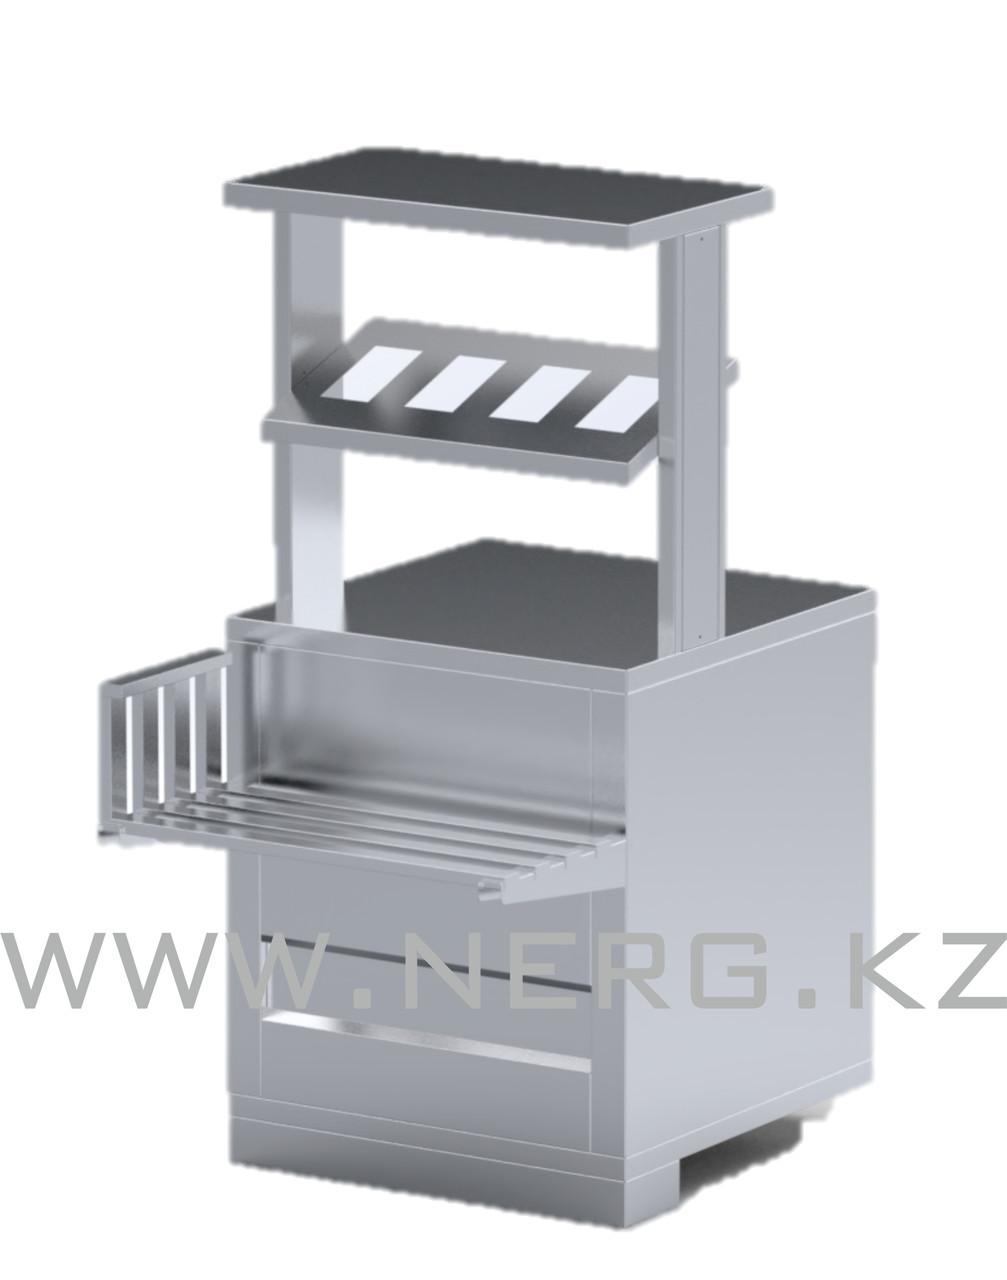 Прилавок столовых приборов Standart